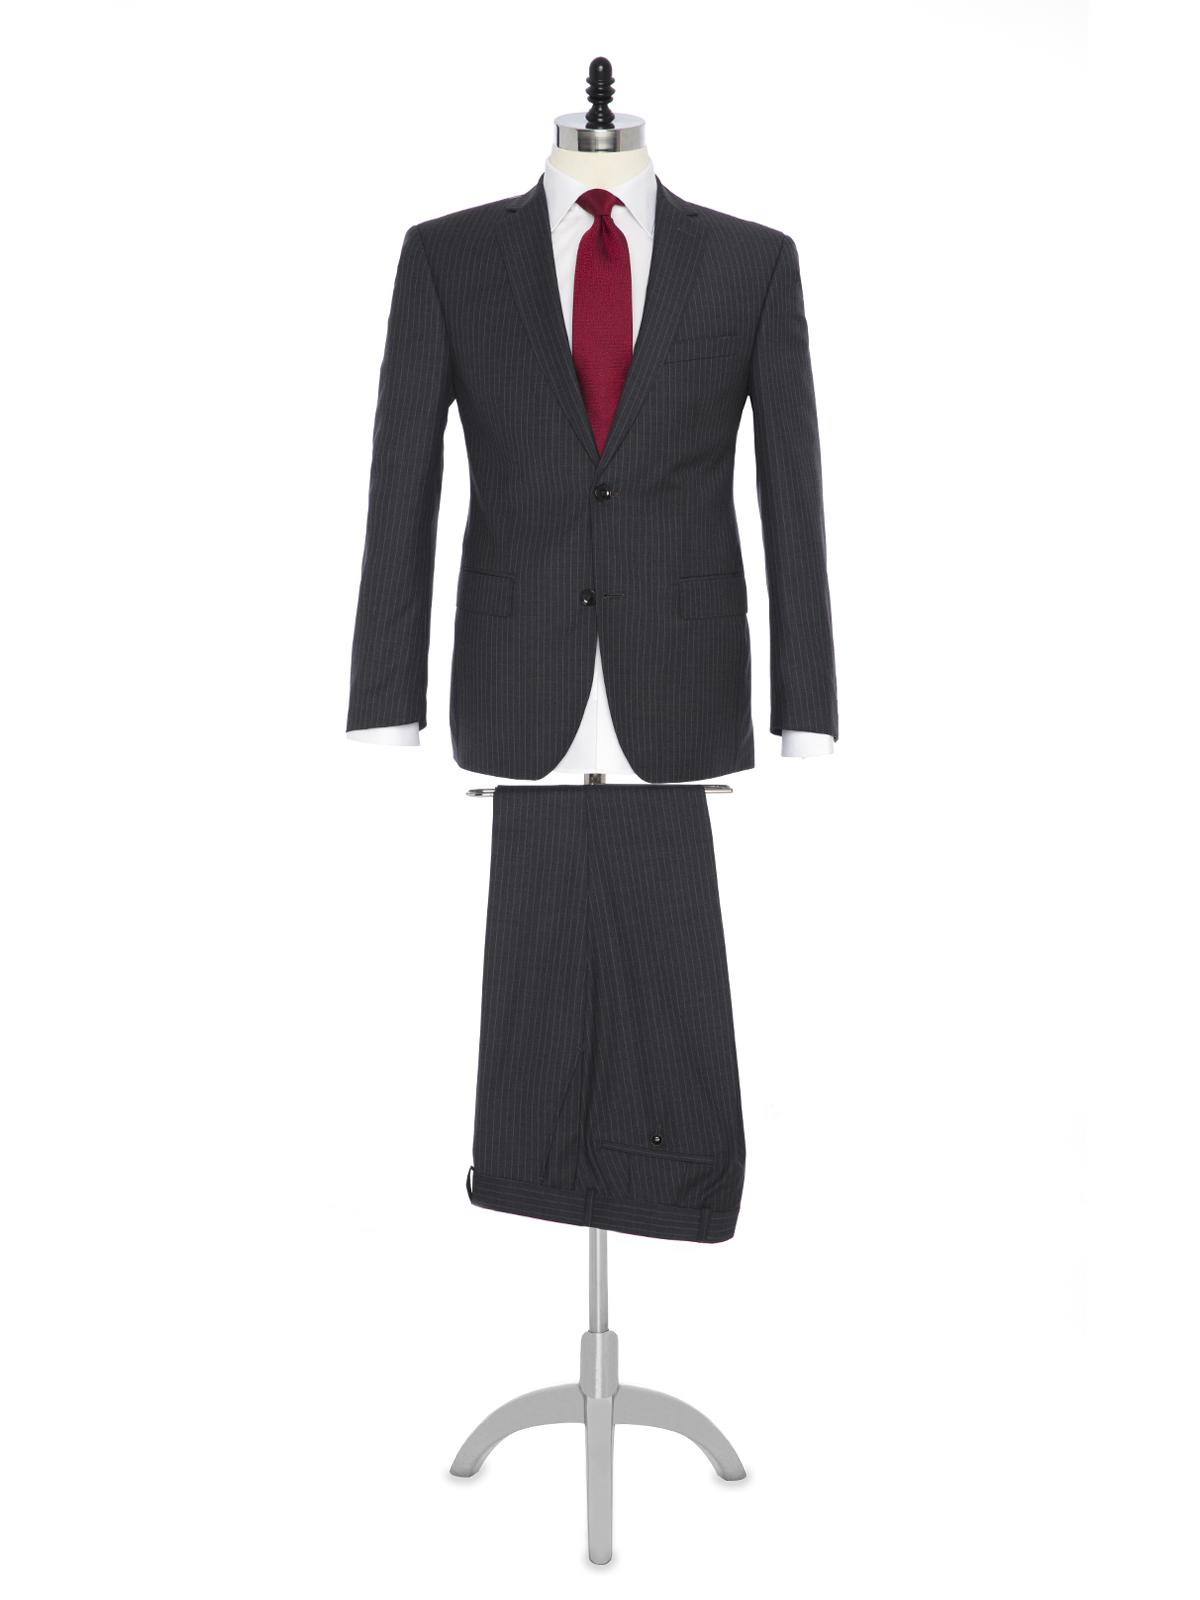 Carl Gross Gri Çizgili Süperfine Australian Wool Takım Elbise